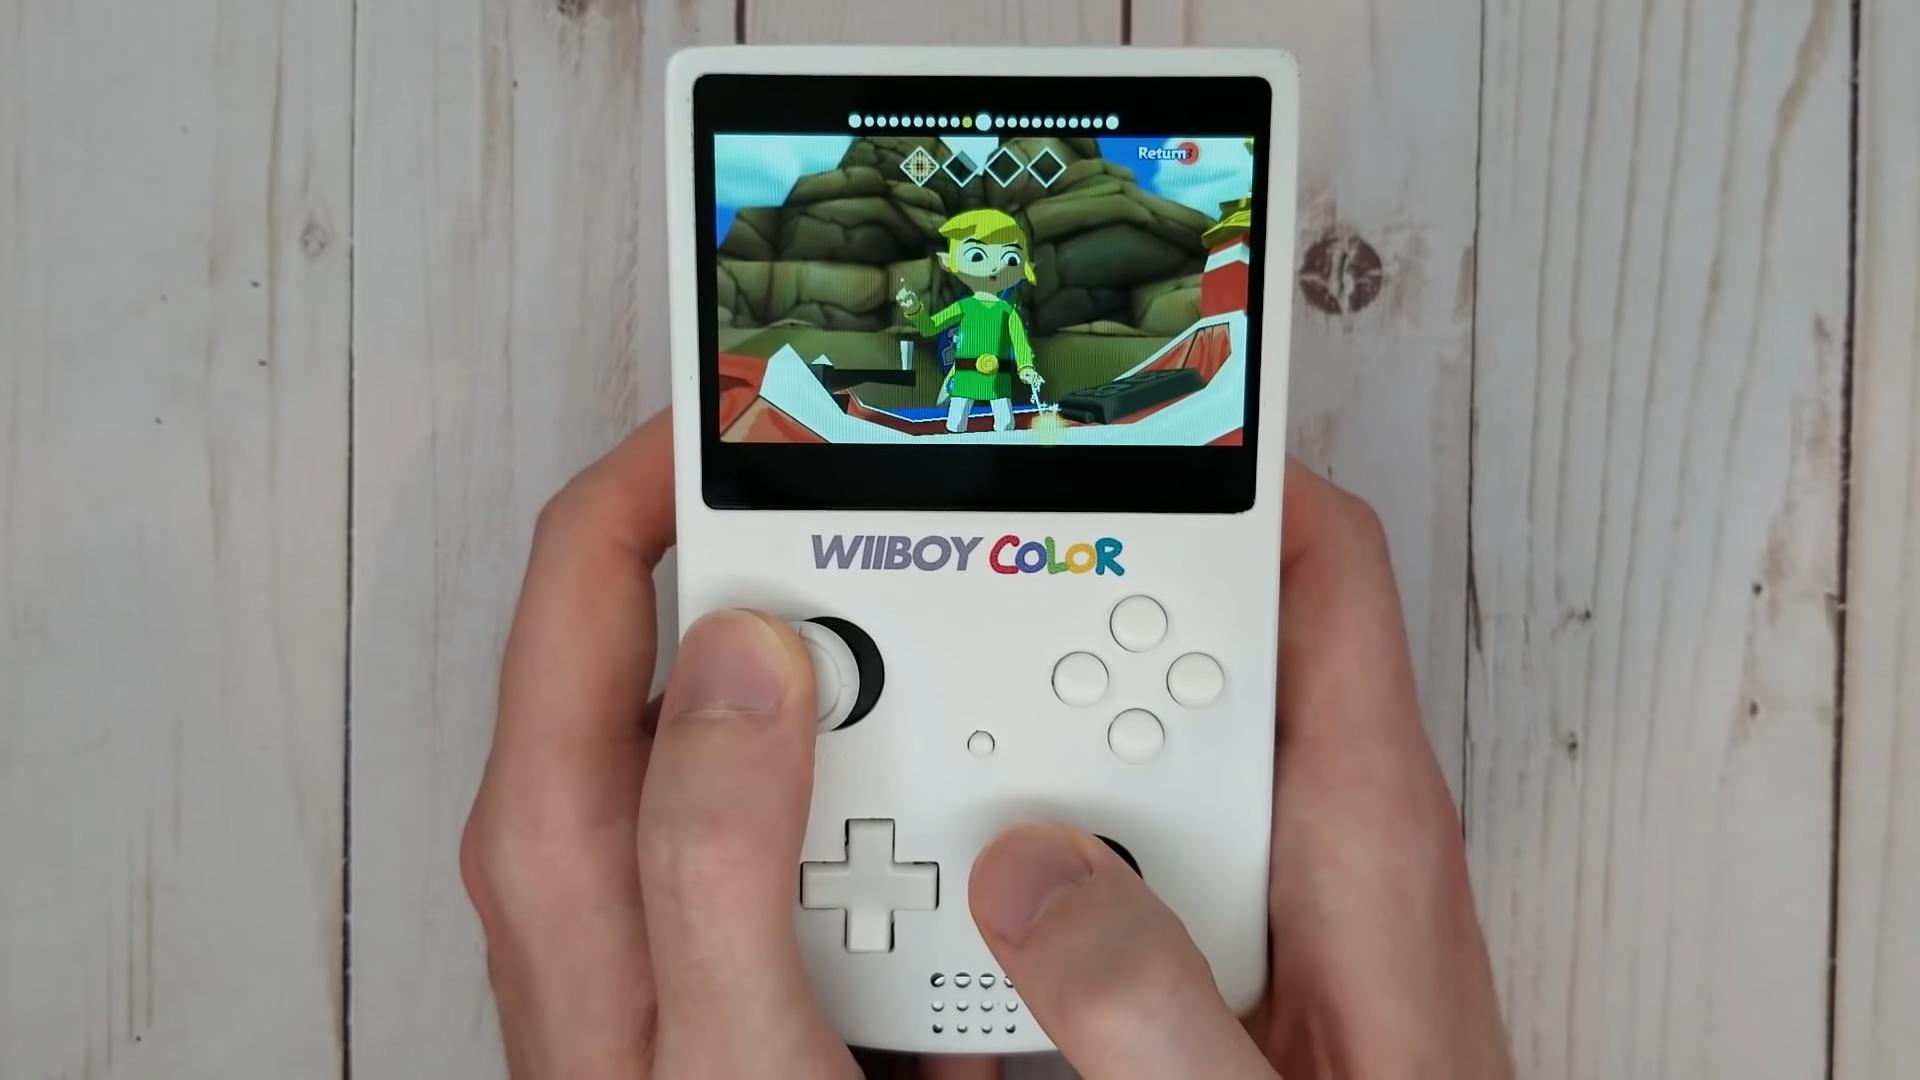 Dieser GameBoy Color ist eine tragbare Nintendo Wii